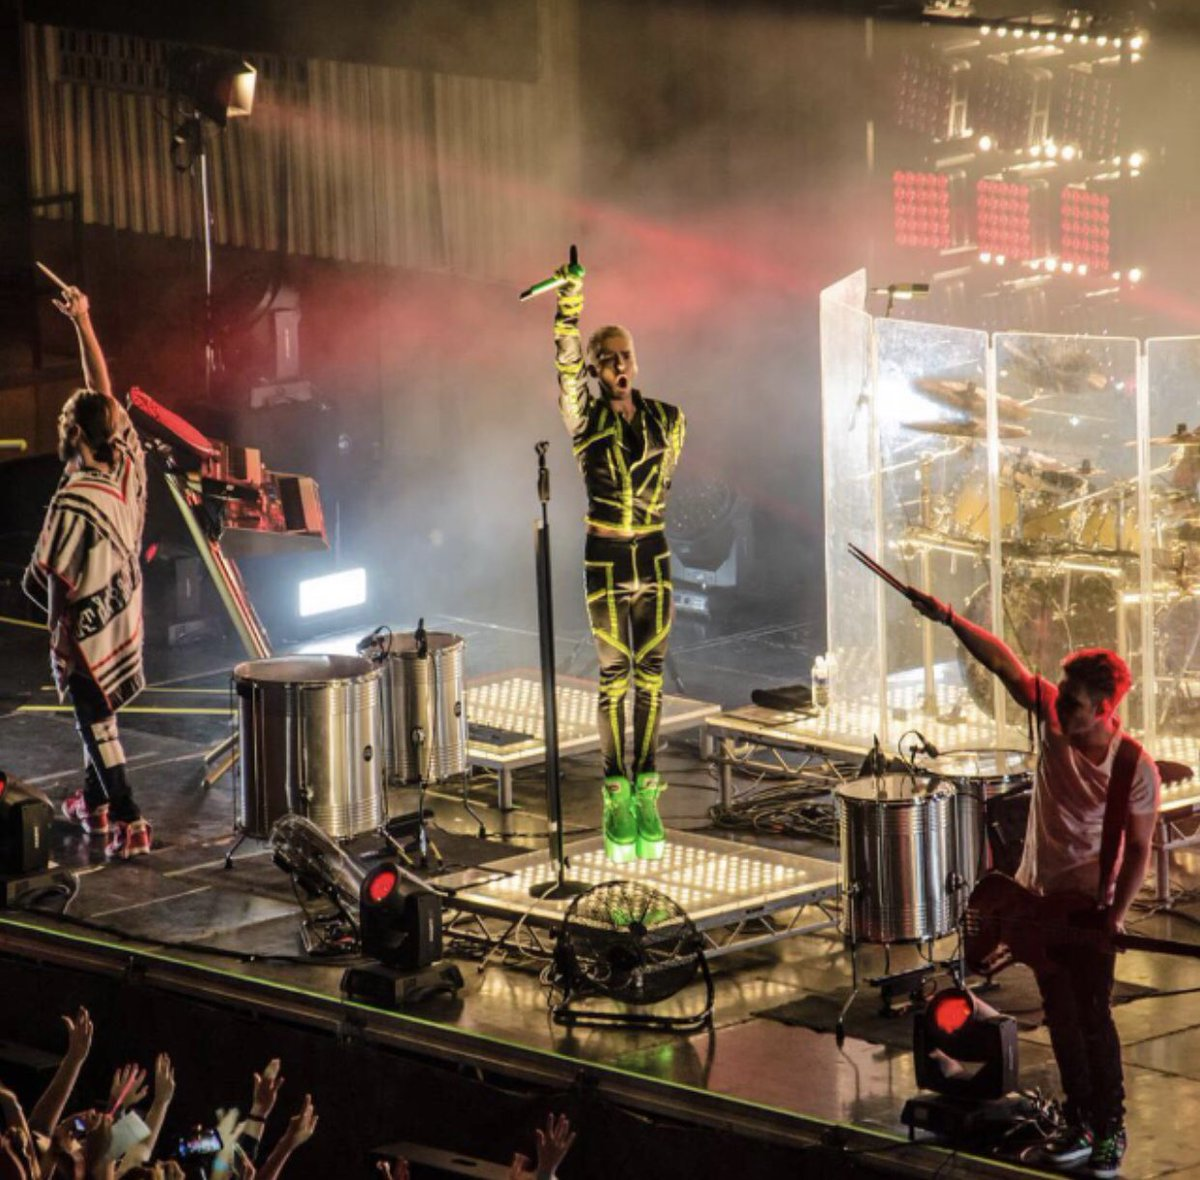 Konzertfoto von der Feel it all Tour!  Concertpic from The Feel it all Tour! #billkaulitz #konzertfoto #concertpic #feelitall #worldtour #tokiohotel #liveonstagepic.twitter.com/mdj8mIfaCd